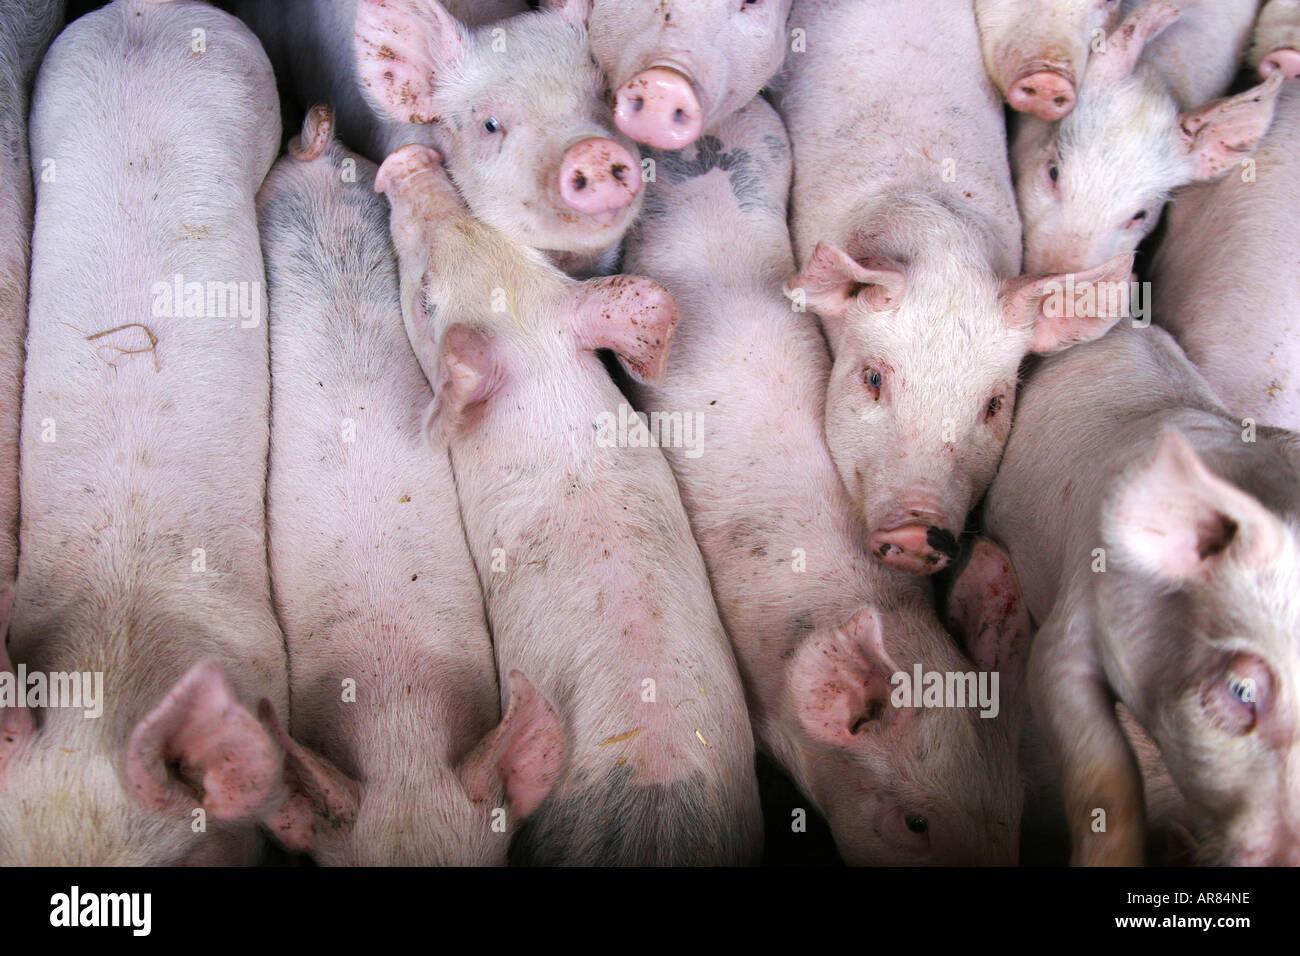 Los cerdos jóvenes apretados juntos. Podría ser un concepto para cuando es un hacinamiento Foto de stock